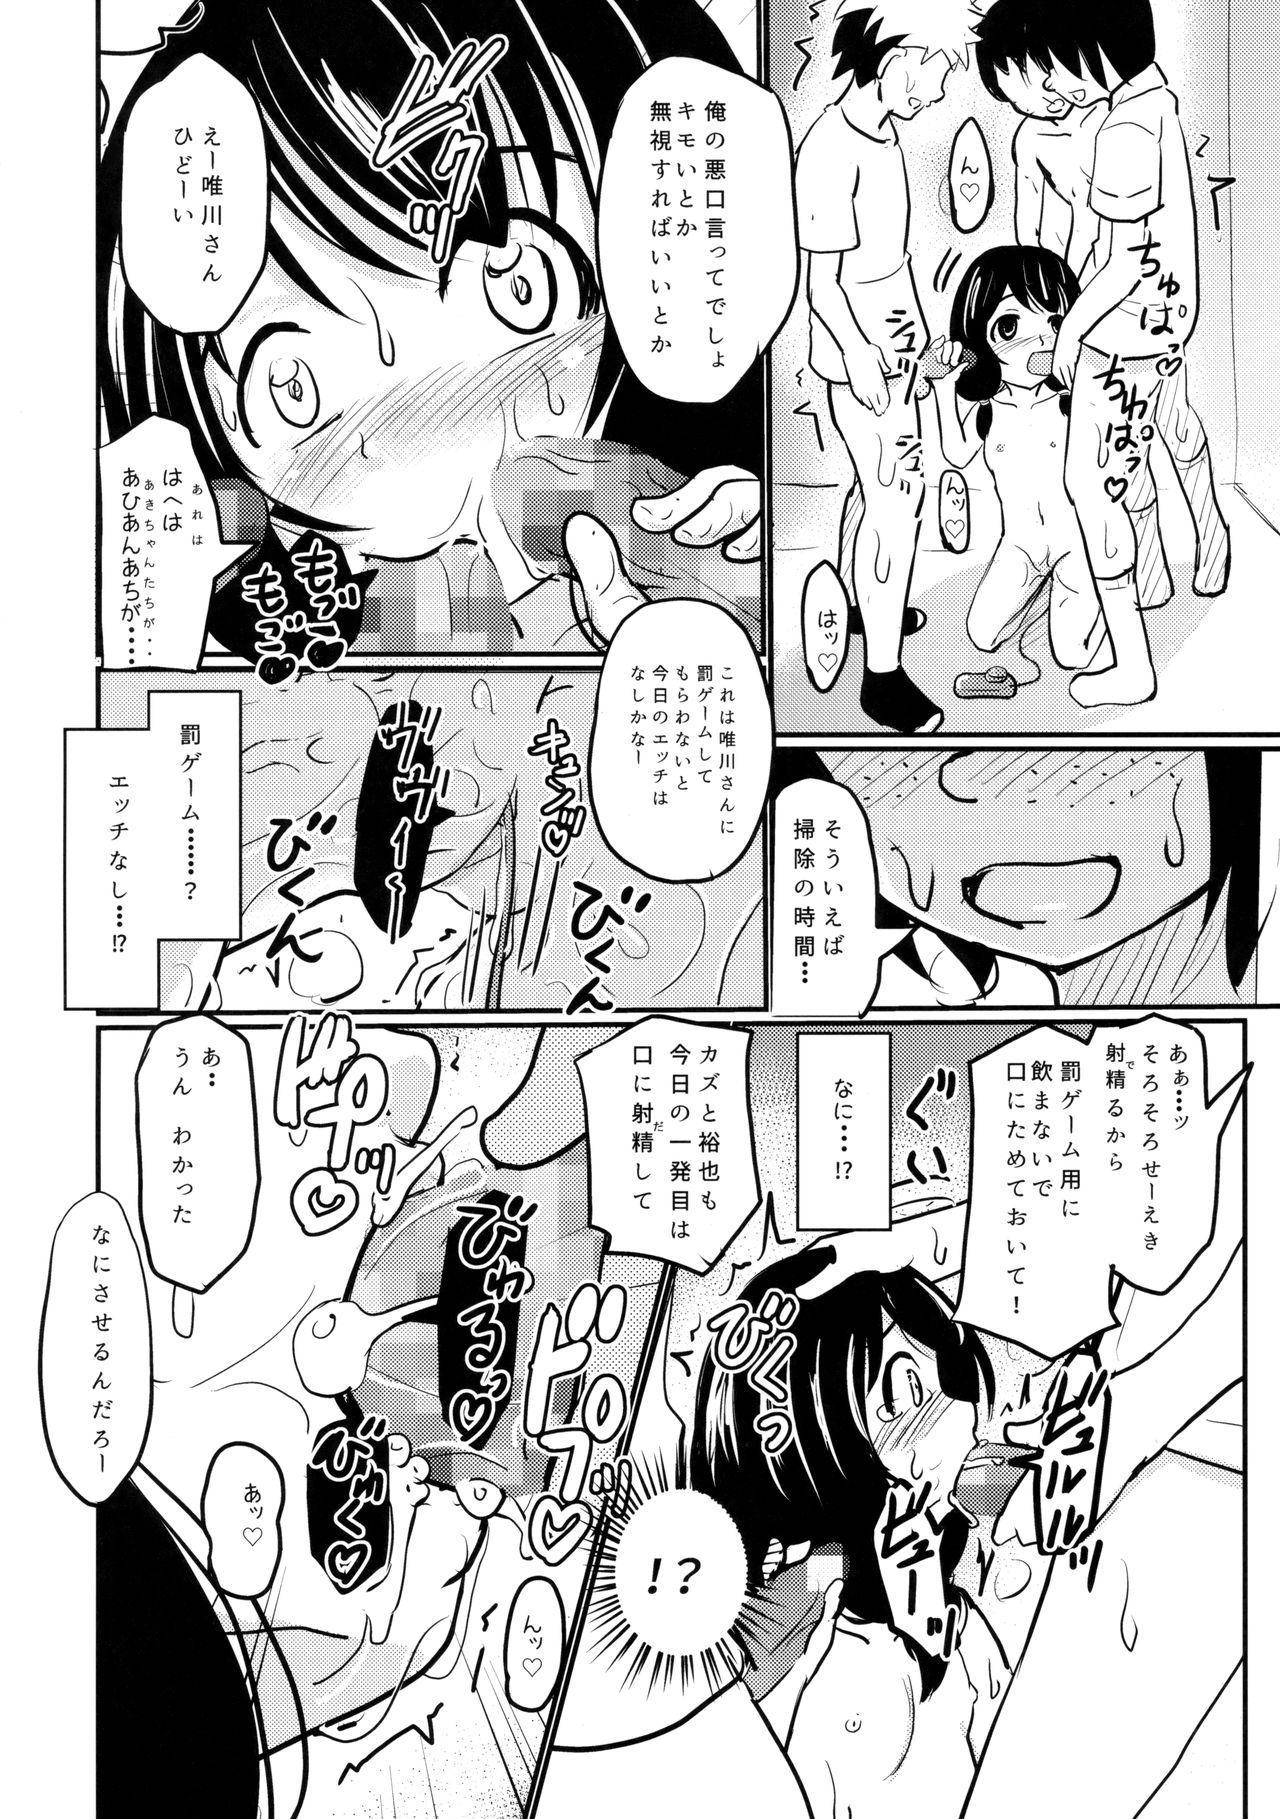 Shougakusei Bitch wa Saikou daze!! Yuikawa Mayu no Dokidoki Ecchi wa Tomerarenai Hen 14